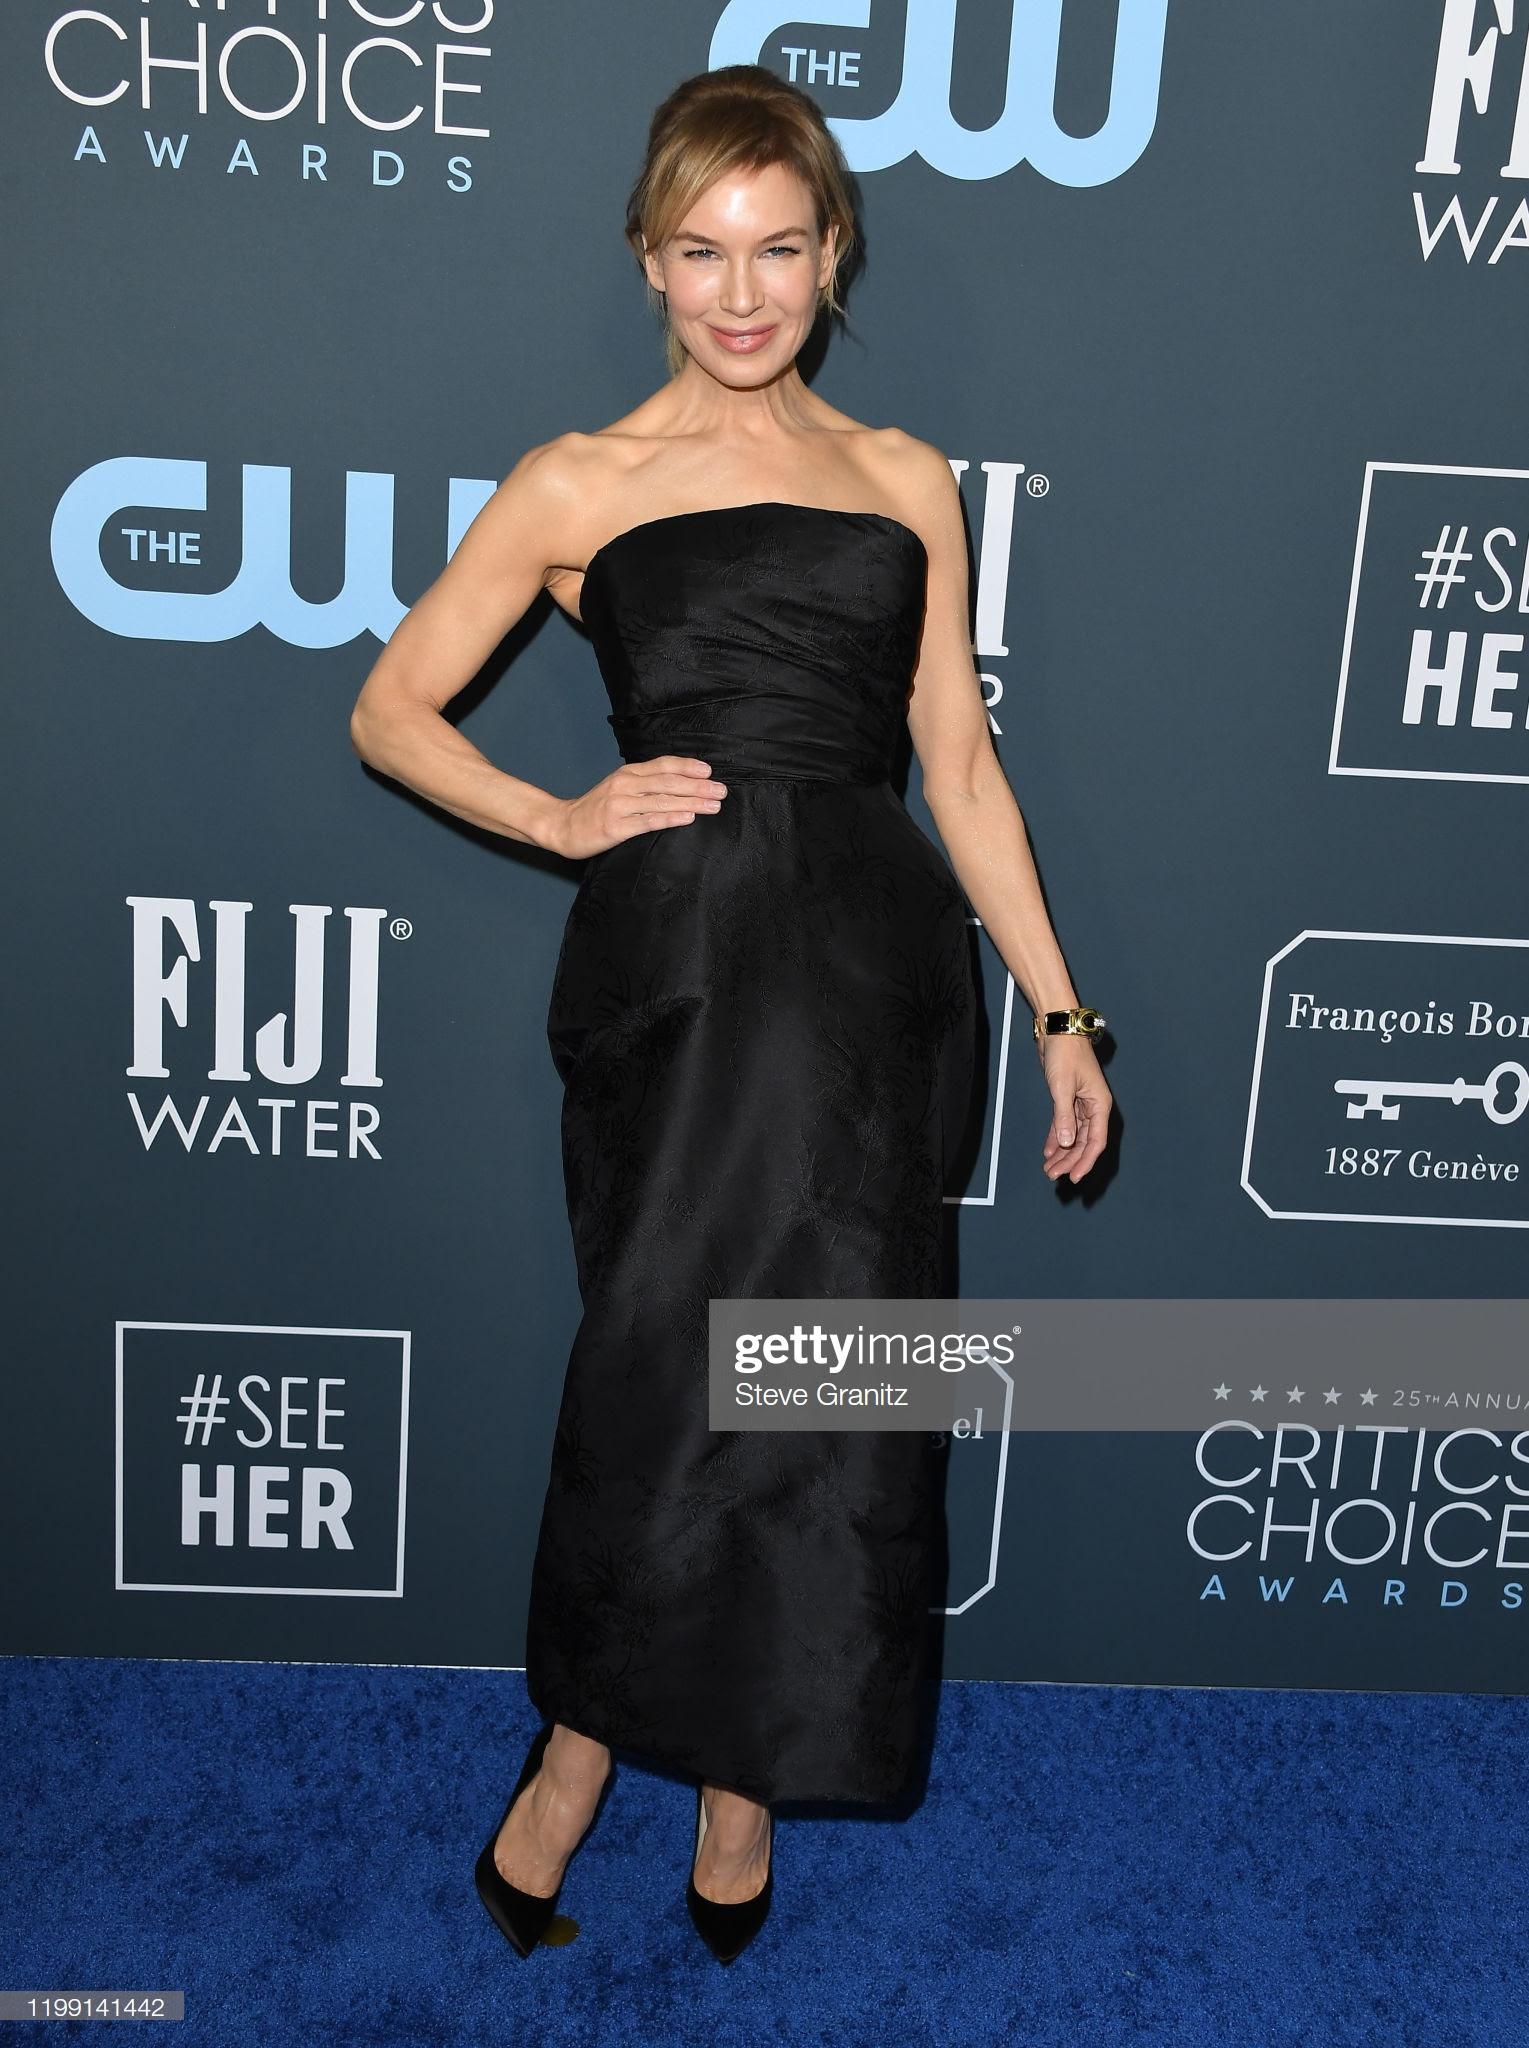 d6d76dfc dfaf 47a1 b43b b54a1de6f029 - Jennifer Lopez y Emily,entre las celebrities que apostaron por Jimmy Choo en los Critics' Choice Awards